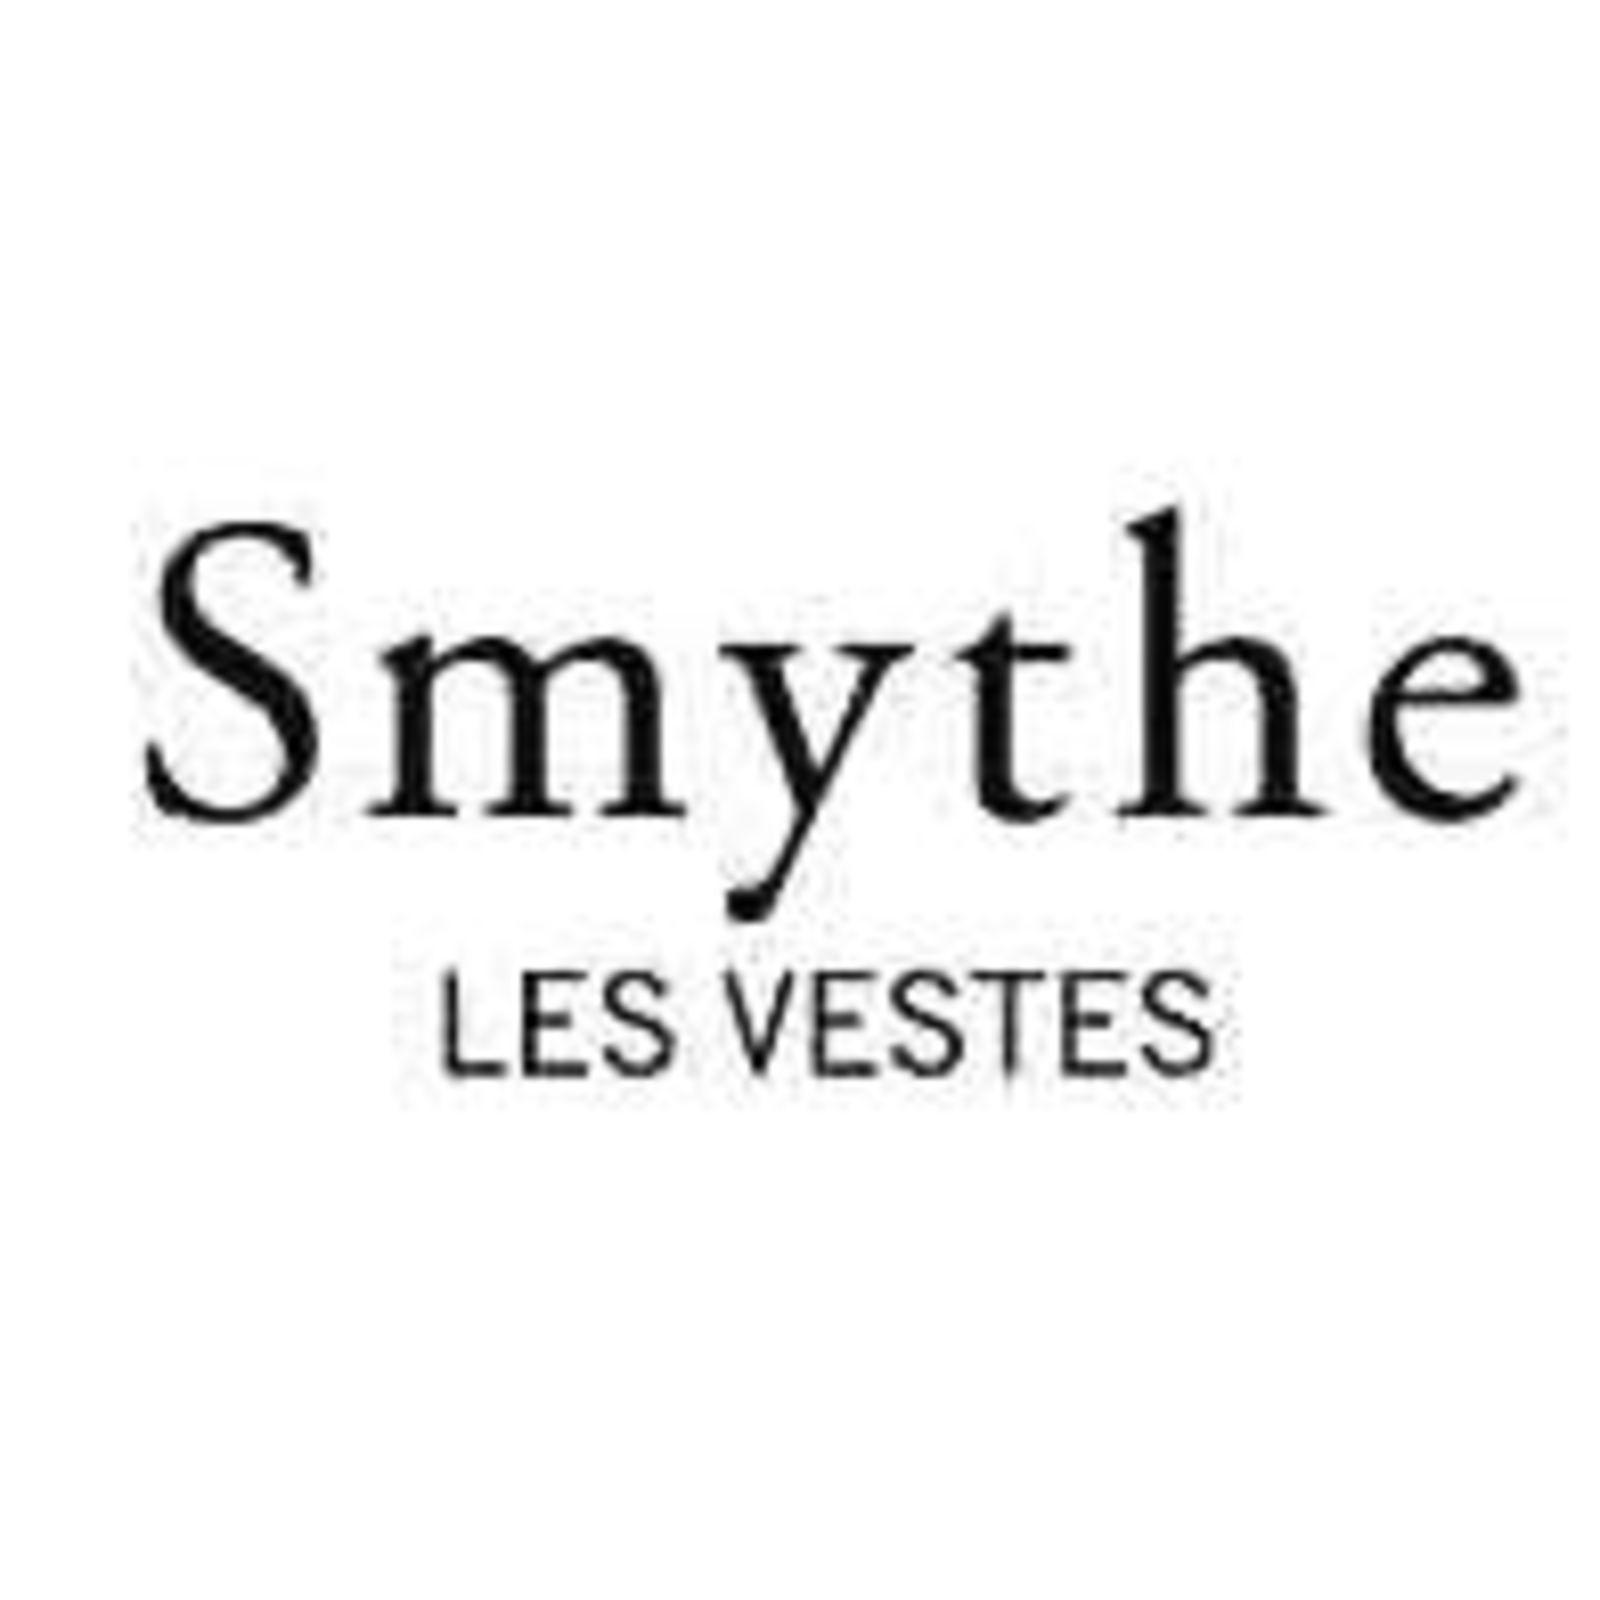 Smythe Les Vestes